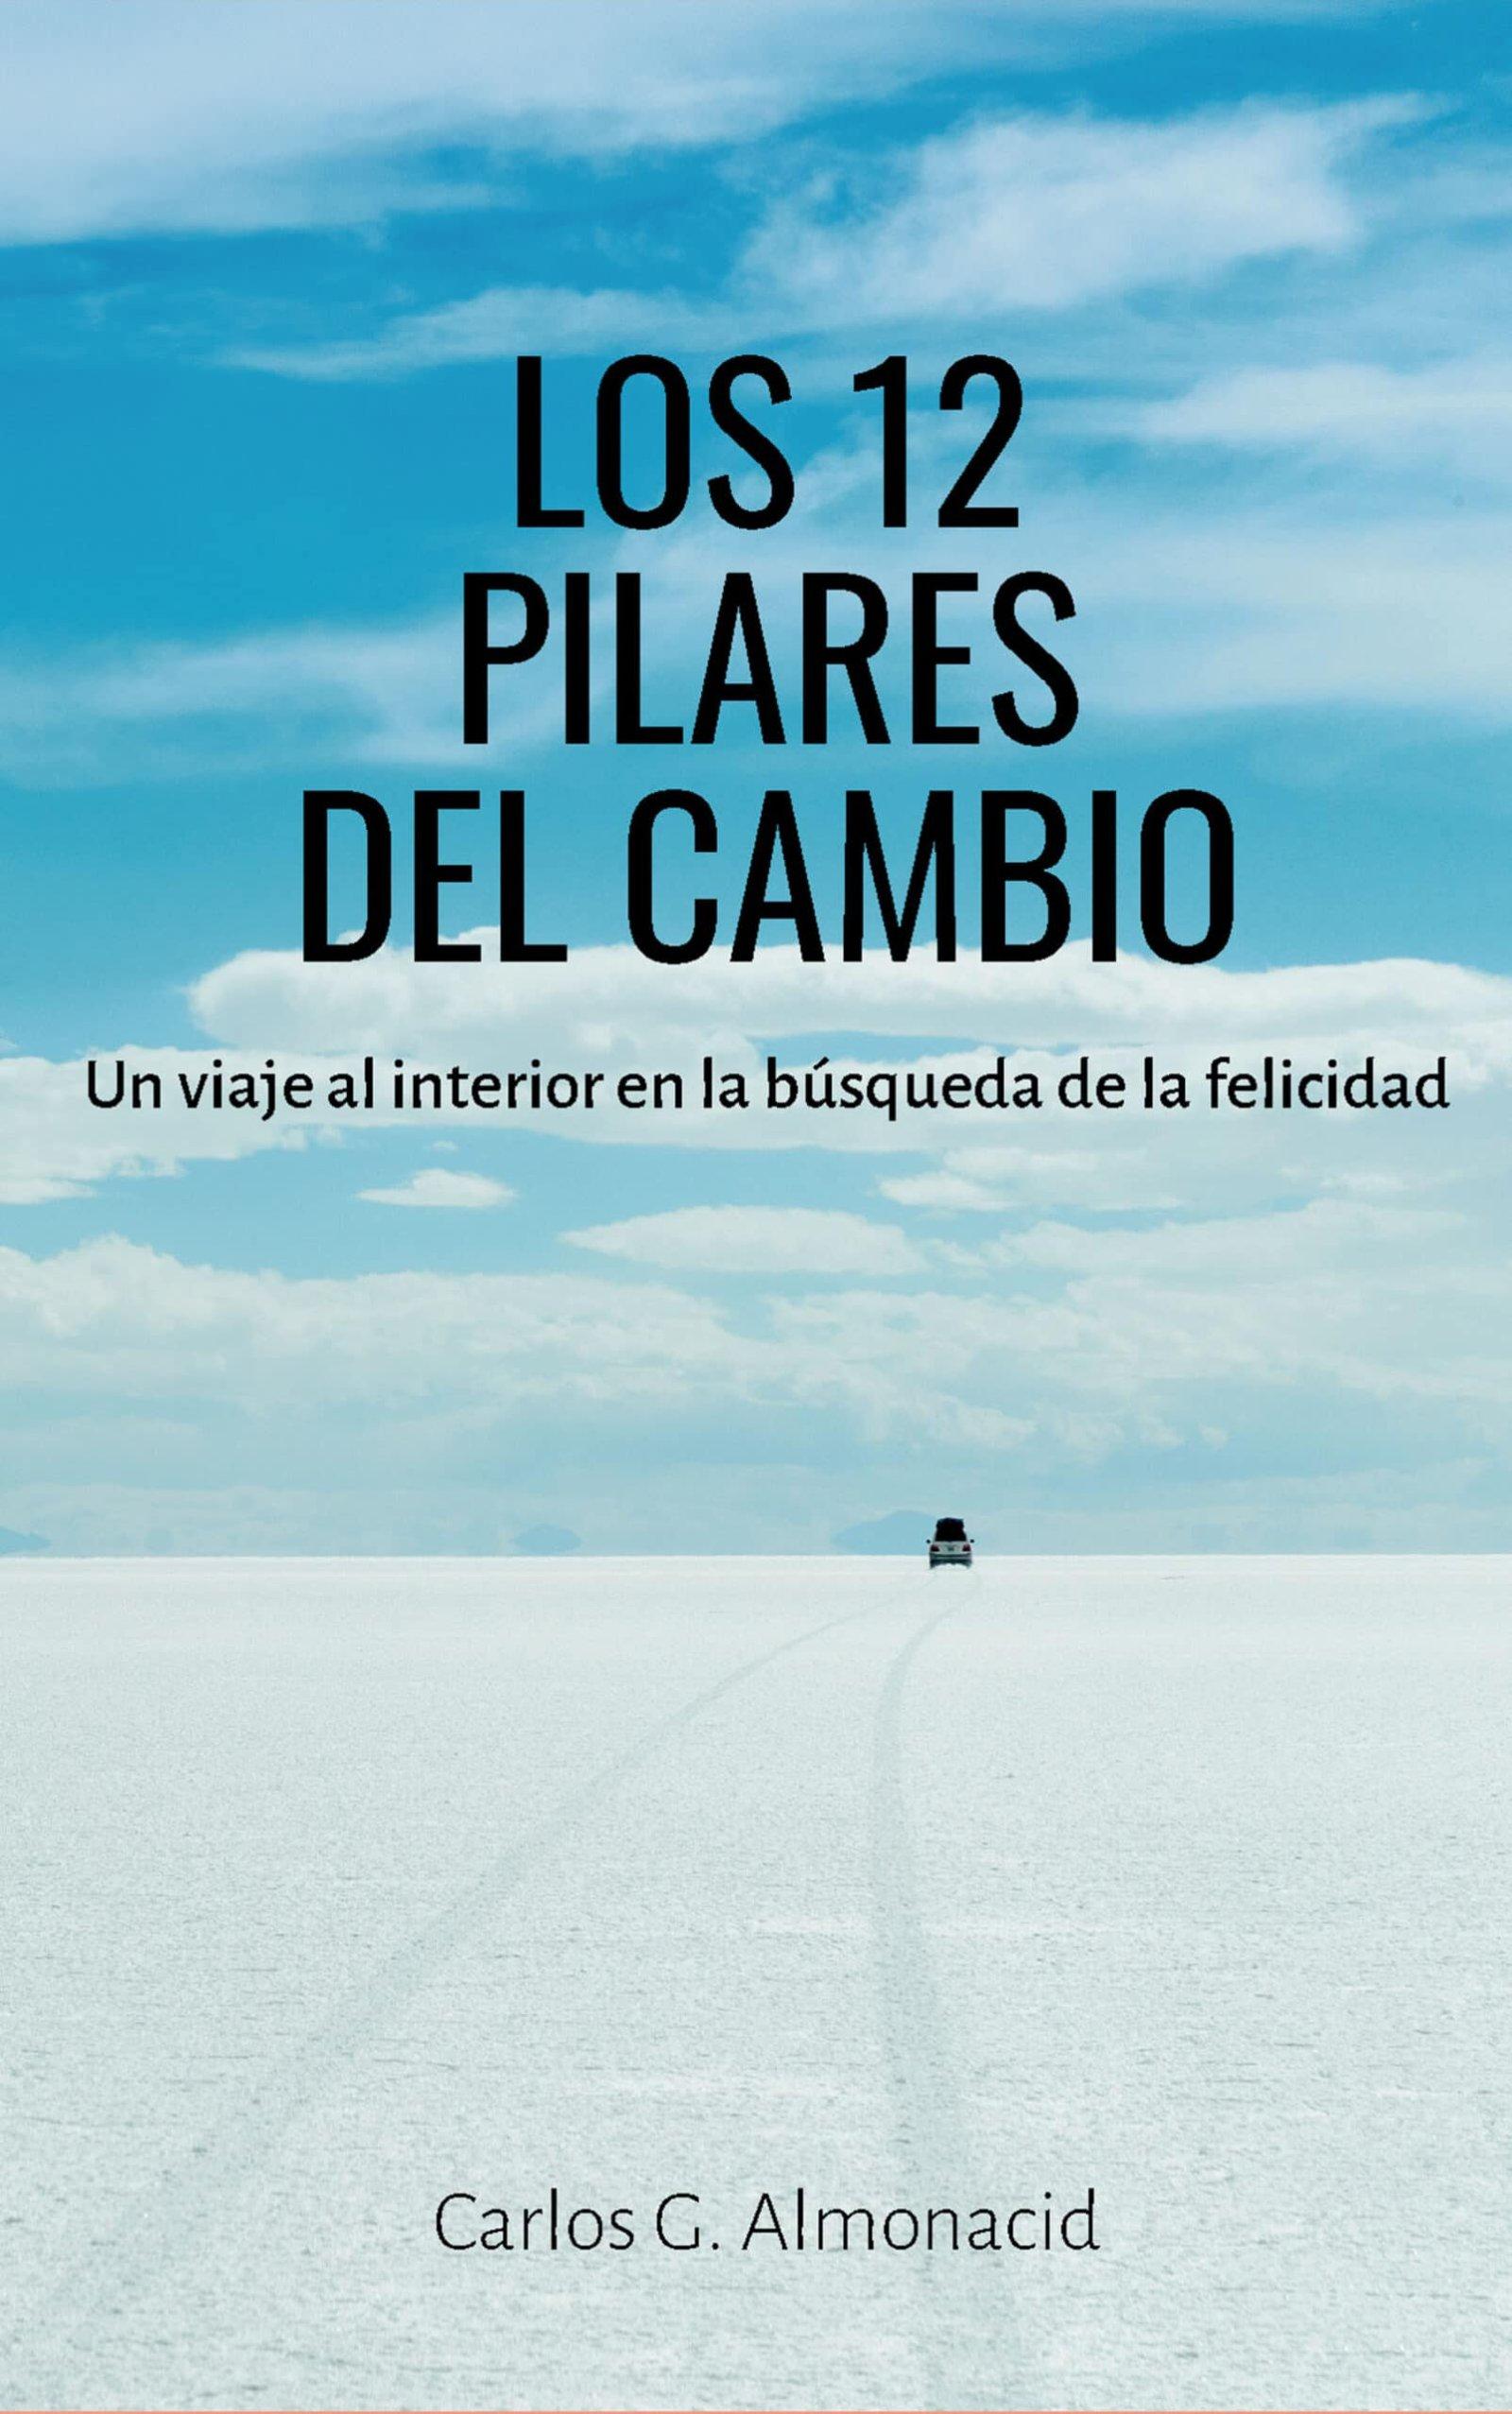 Los 12 pilares del cambio, de Carlos G. Almonacid